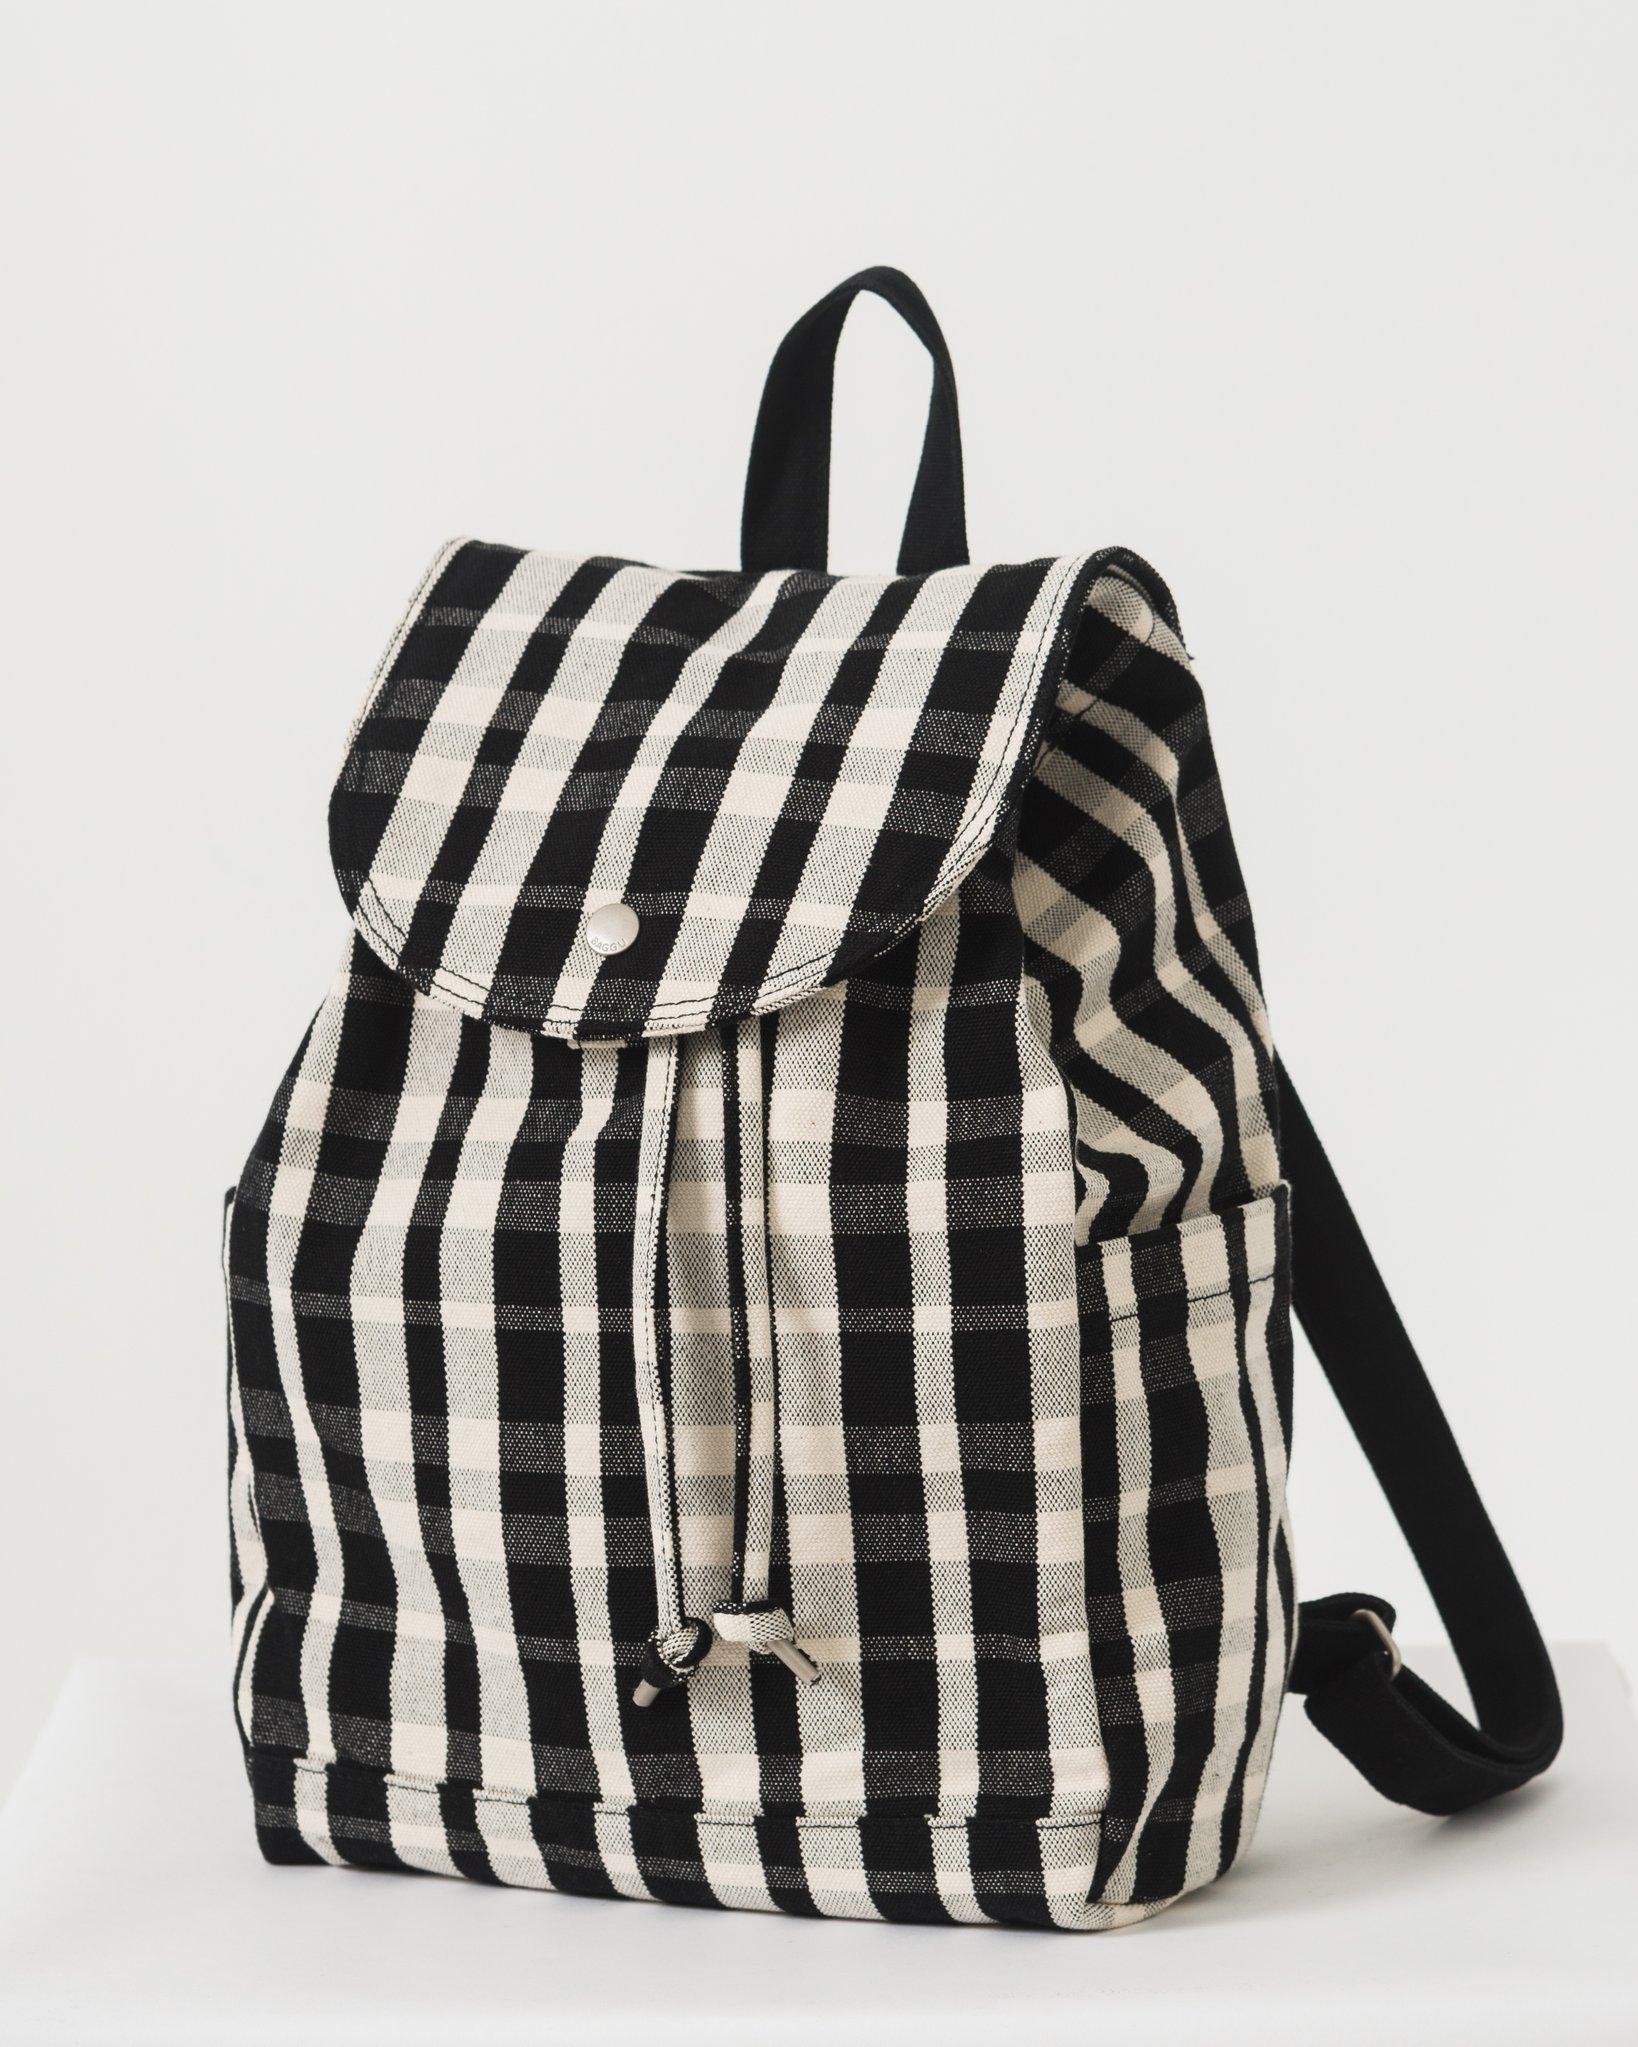 Drawstring_Backpack_16oz_Canvas_Plaid-01_2048x2048.jpg